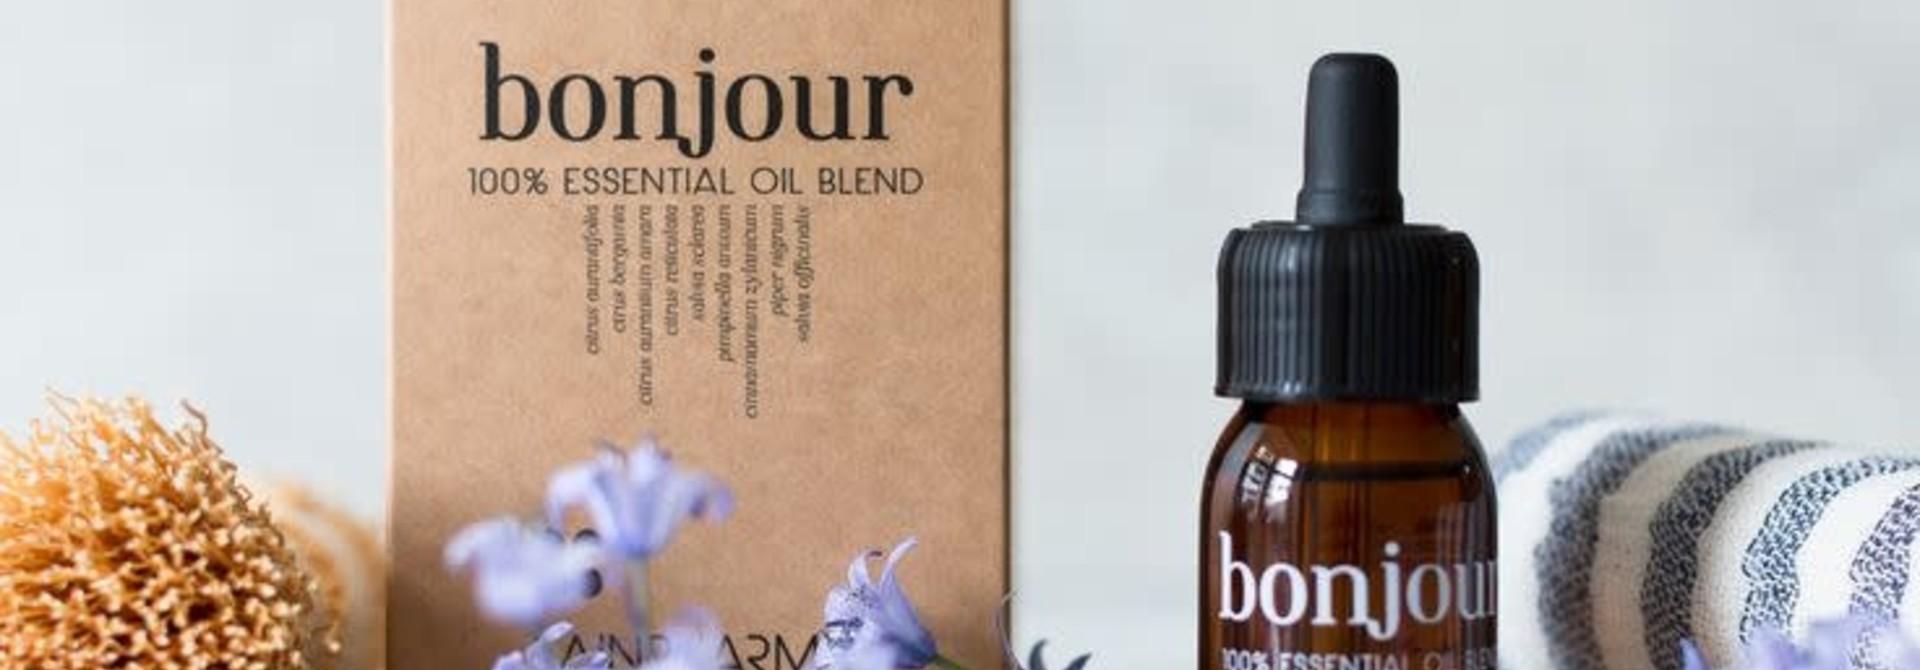 Bonjour 100% Essential Oil Blend